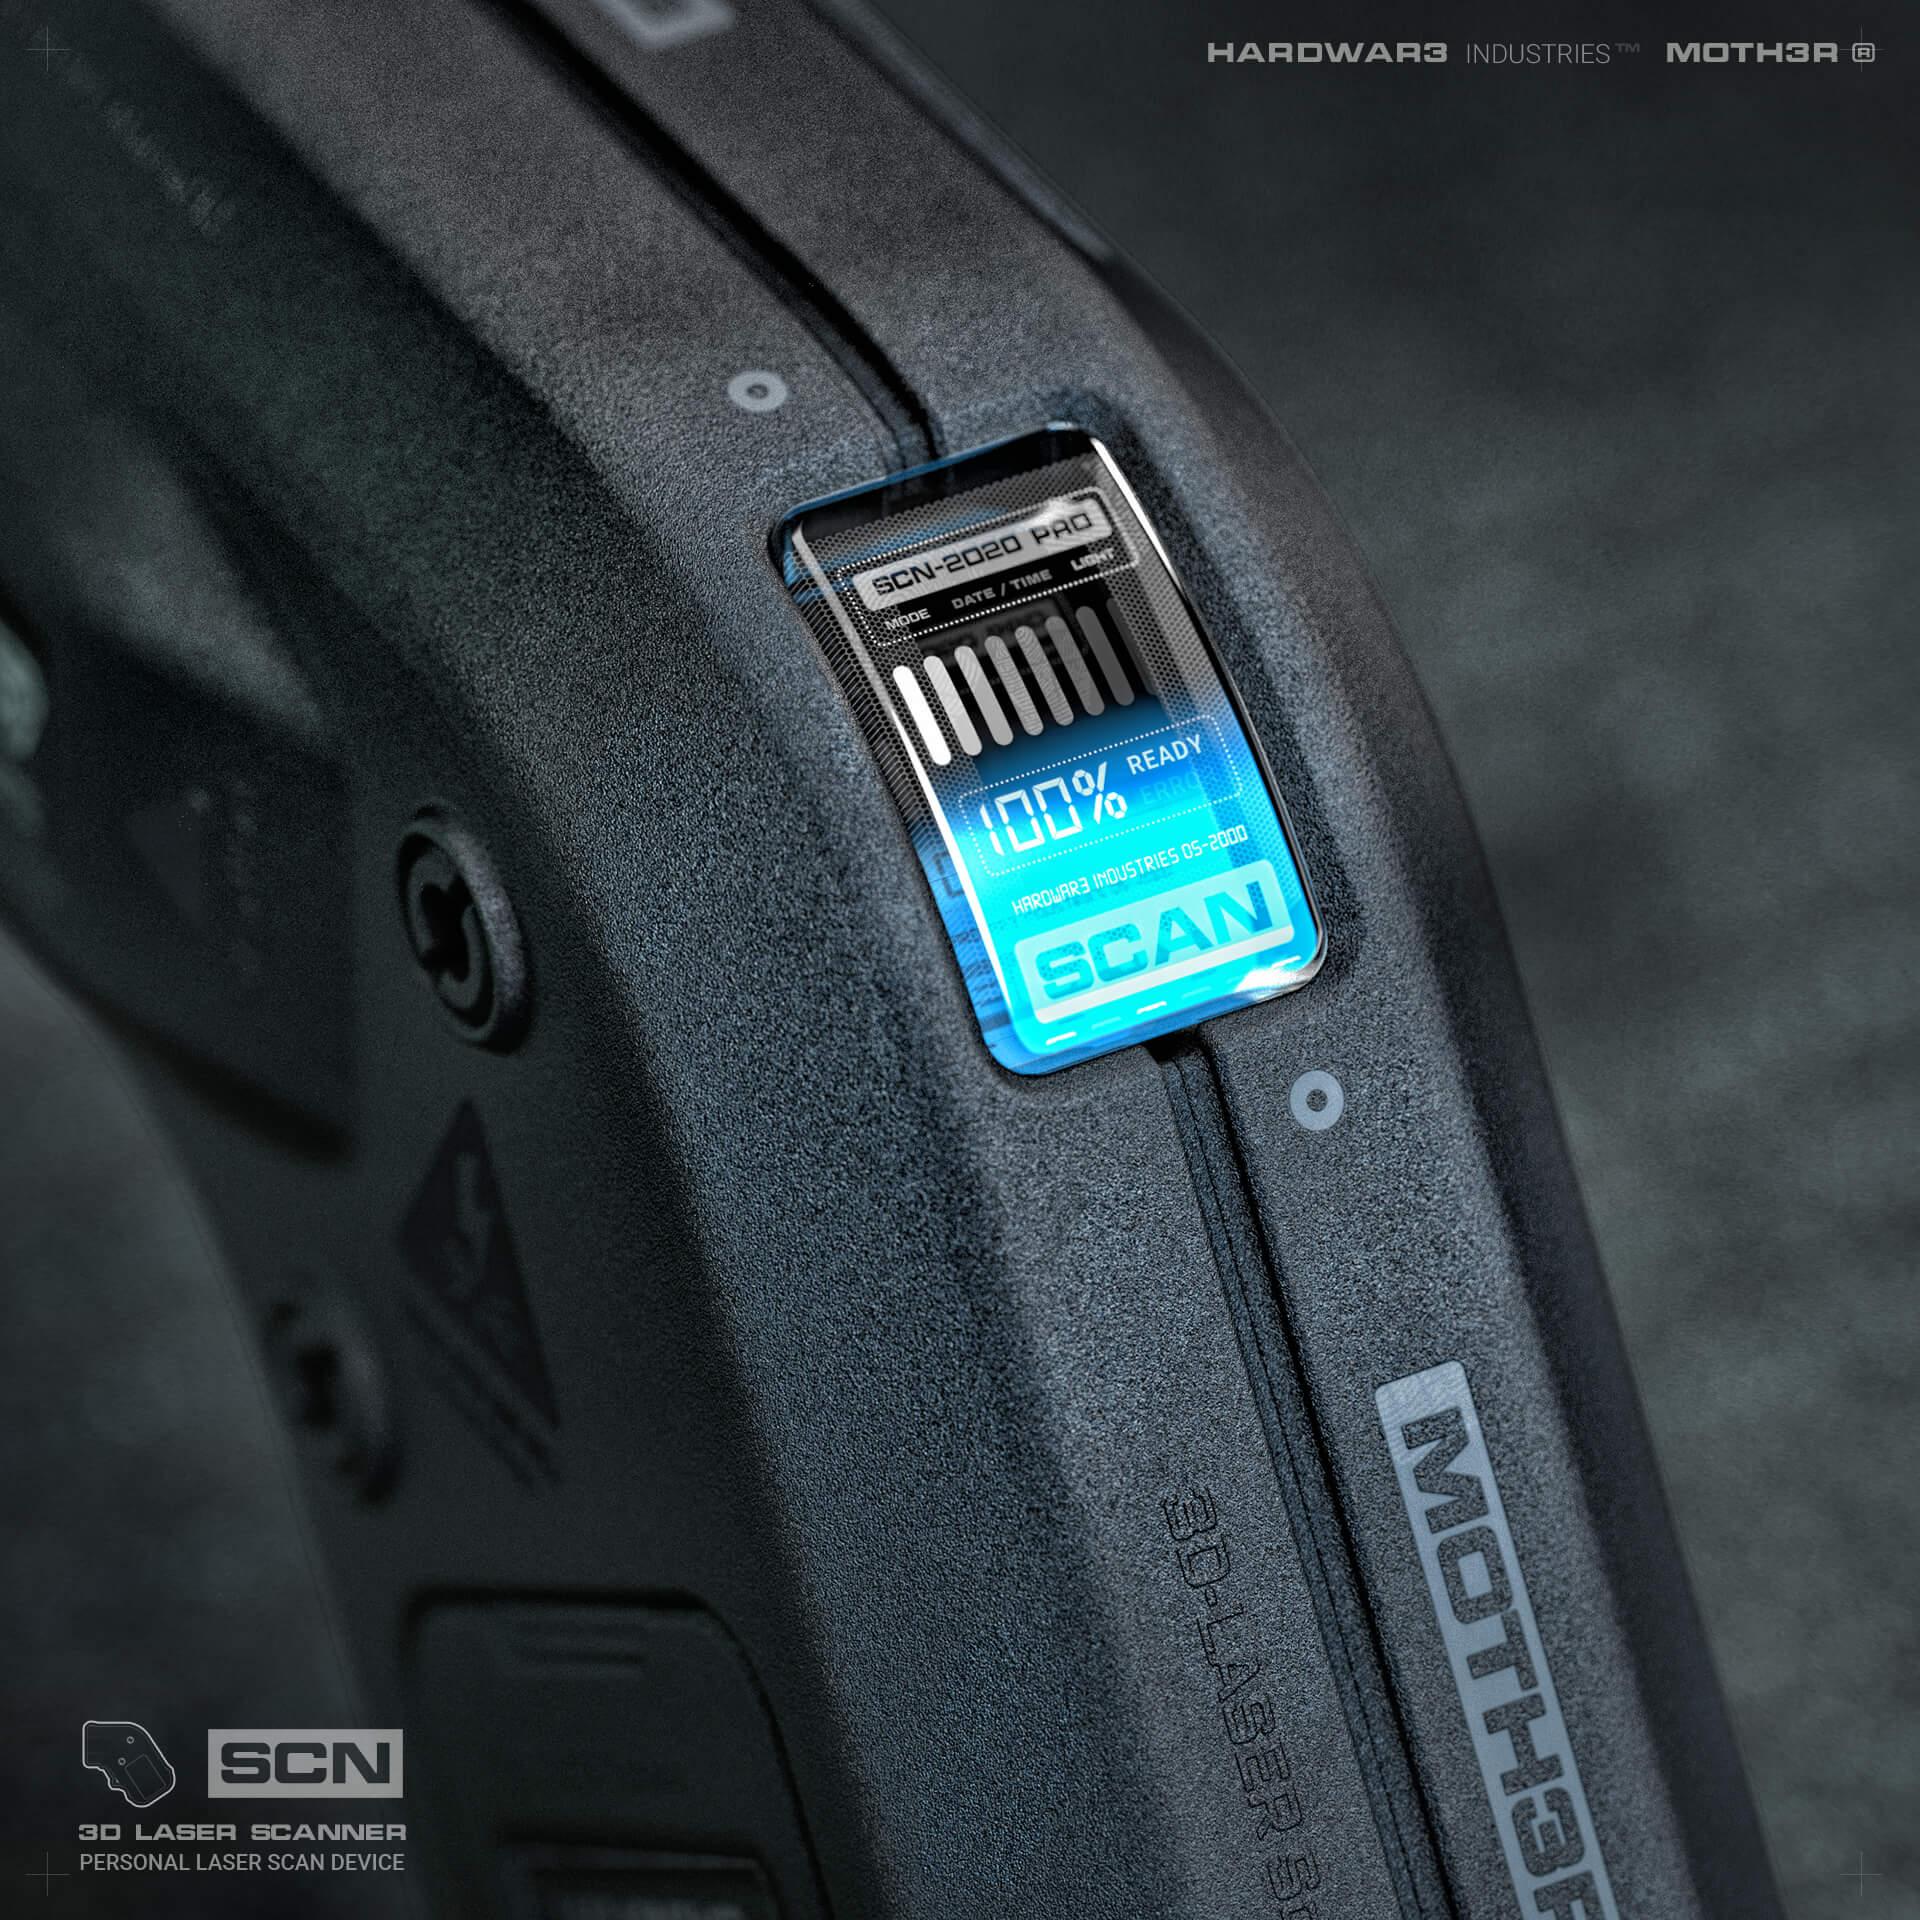 Scanner-001.62